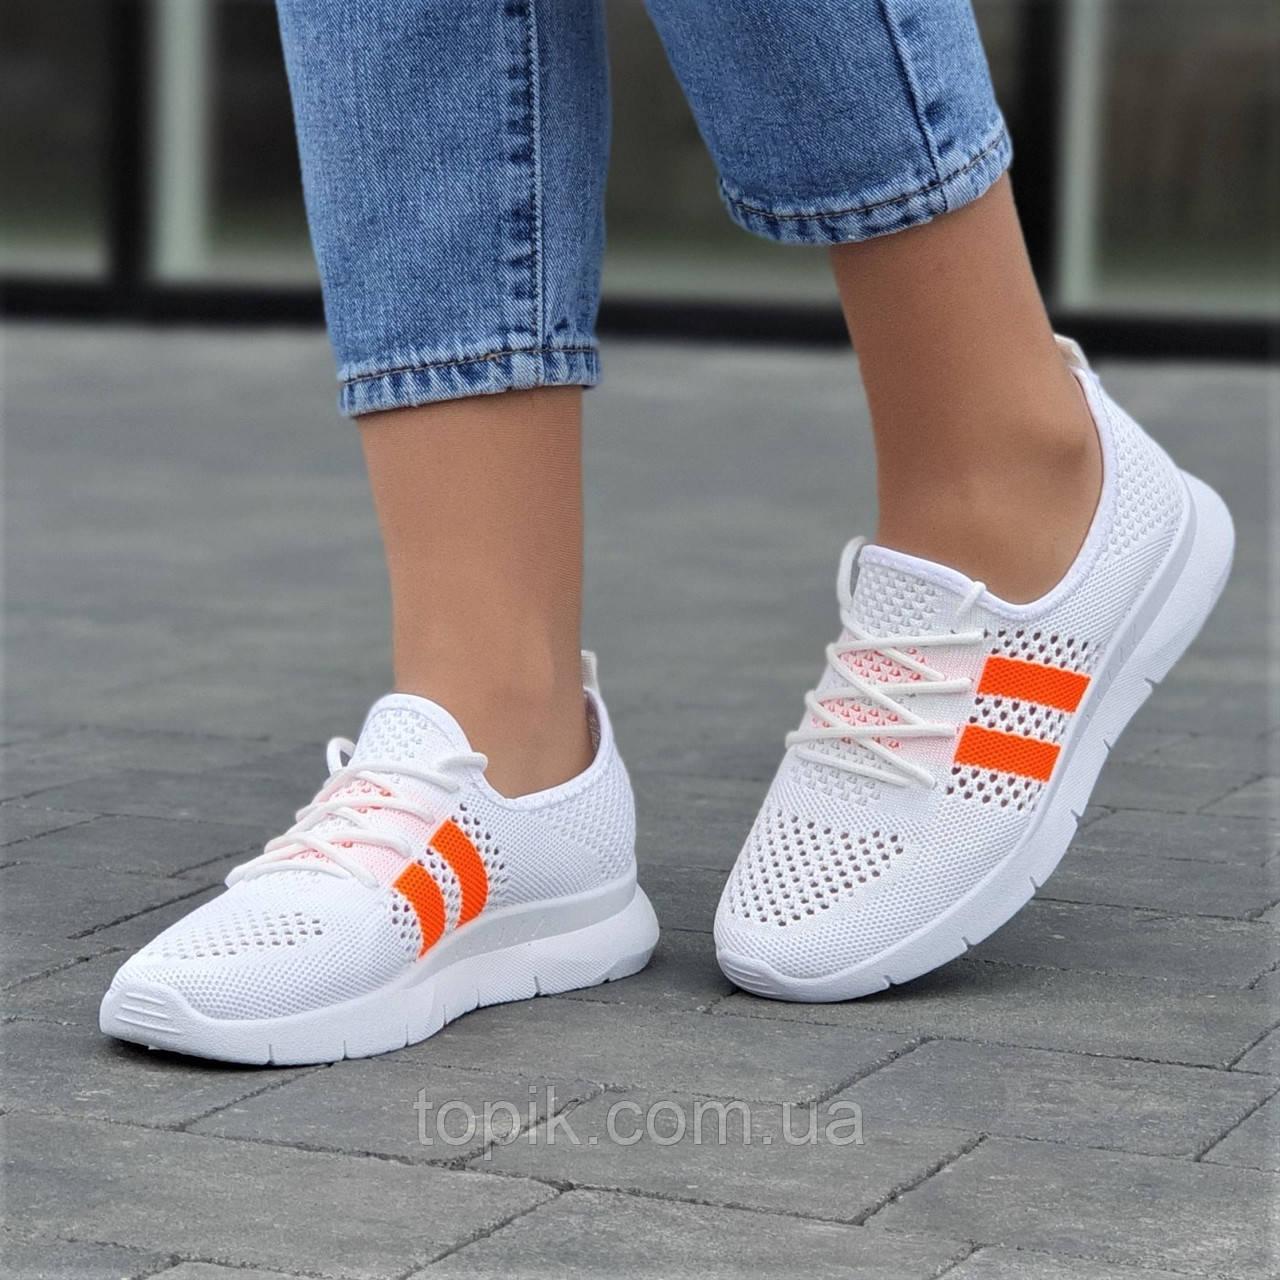 Мокасины белые женские на шнурках кроссовки светлые летние (Код: 1732а)